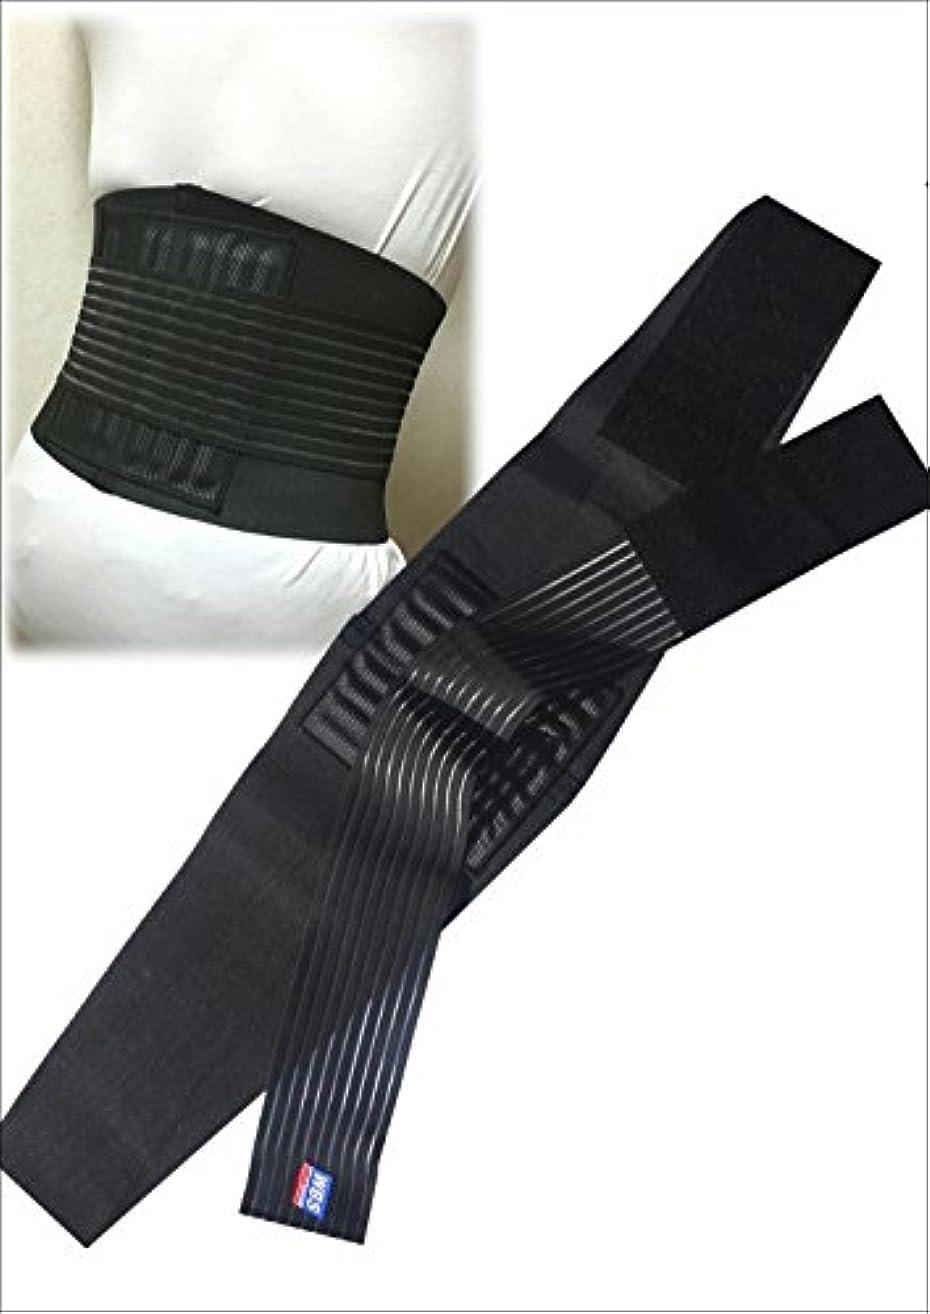 くるくる汚す肥沃な腰痛 腰痛ベルト 腰サポート つらい腰 姿勢補正 骨盤補正 腰保護 メッシュ 腰痛予防 長時間運転